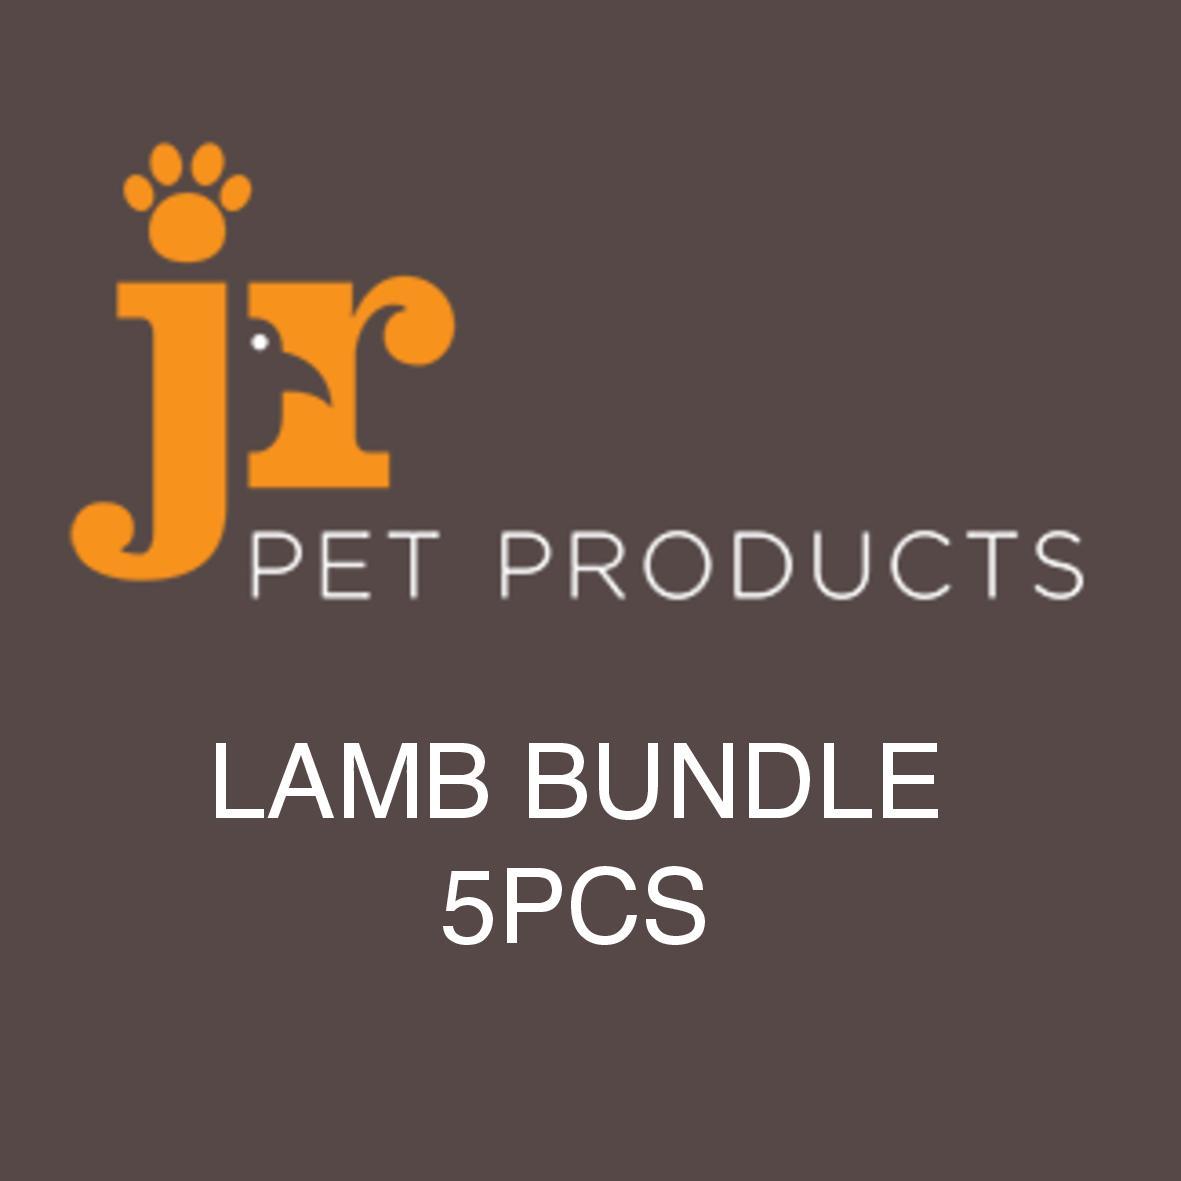 JR Purely Lamb Protein Bundle 5pcs